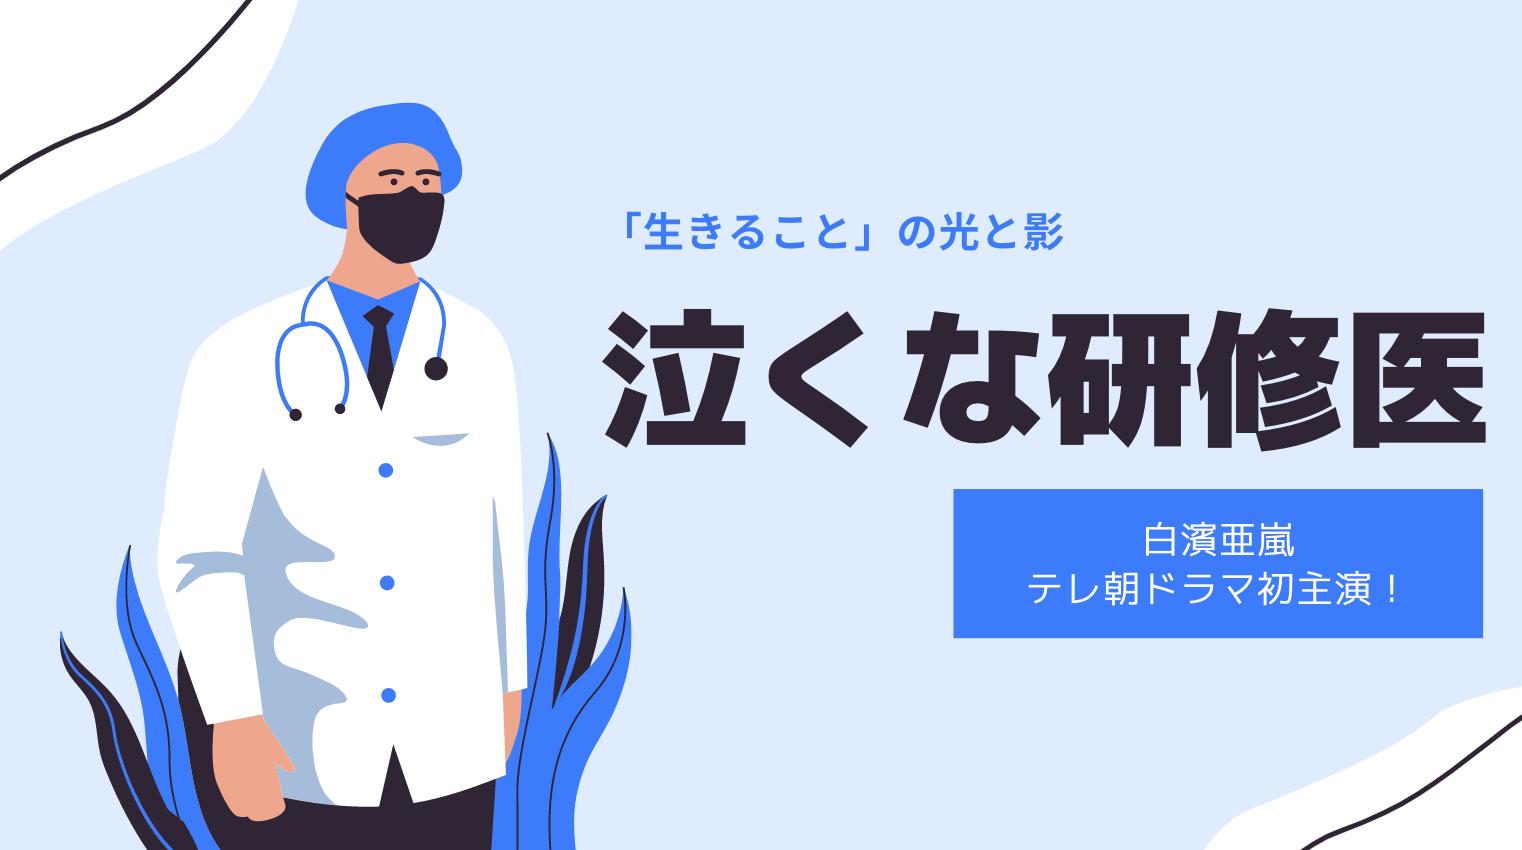 【徹底解説】2021年4月ドラマ『泣くな研修医』の提供衣装まとめ